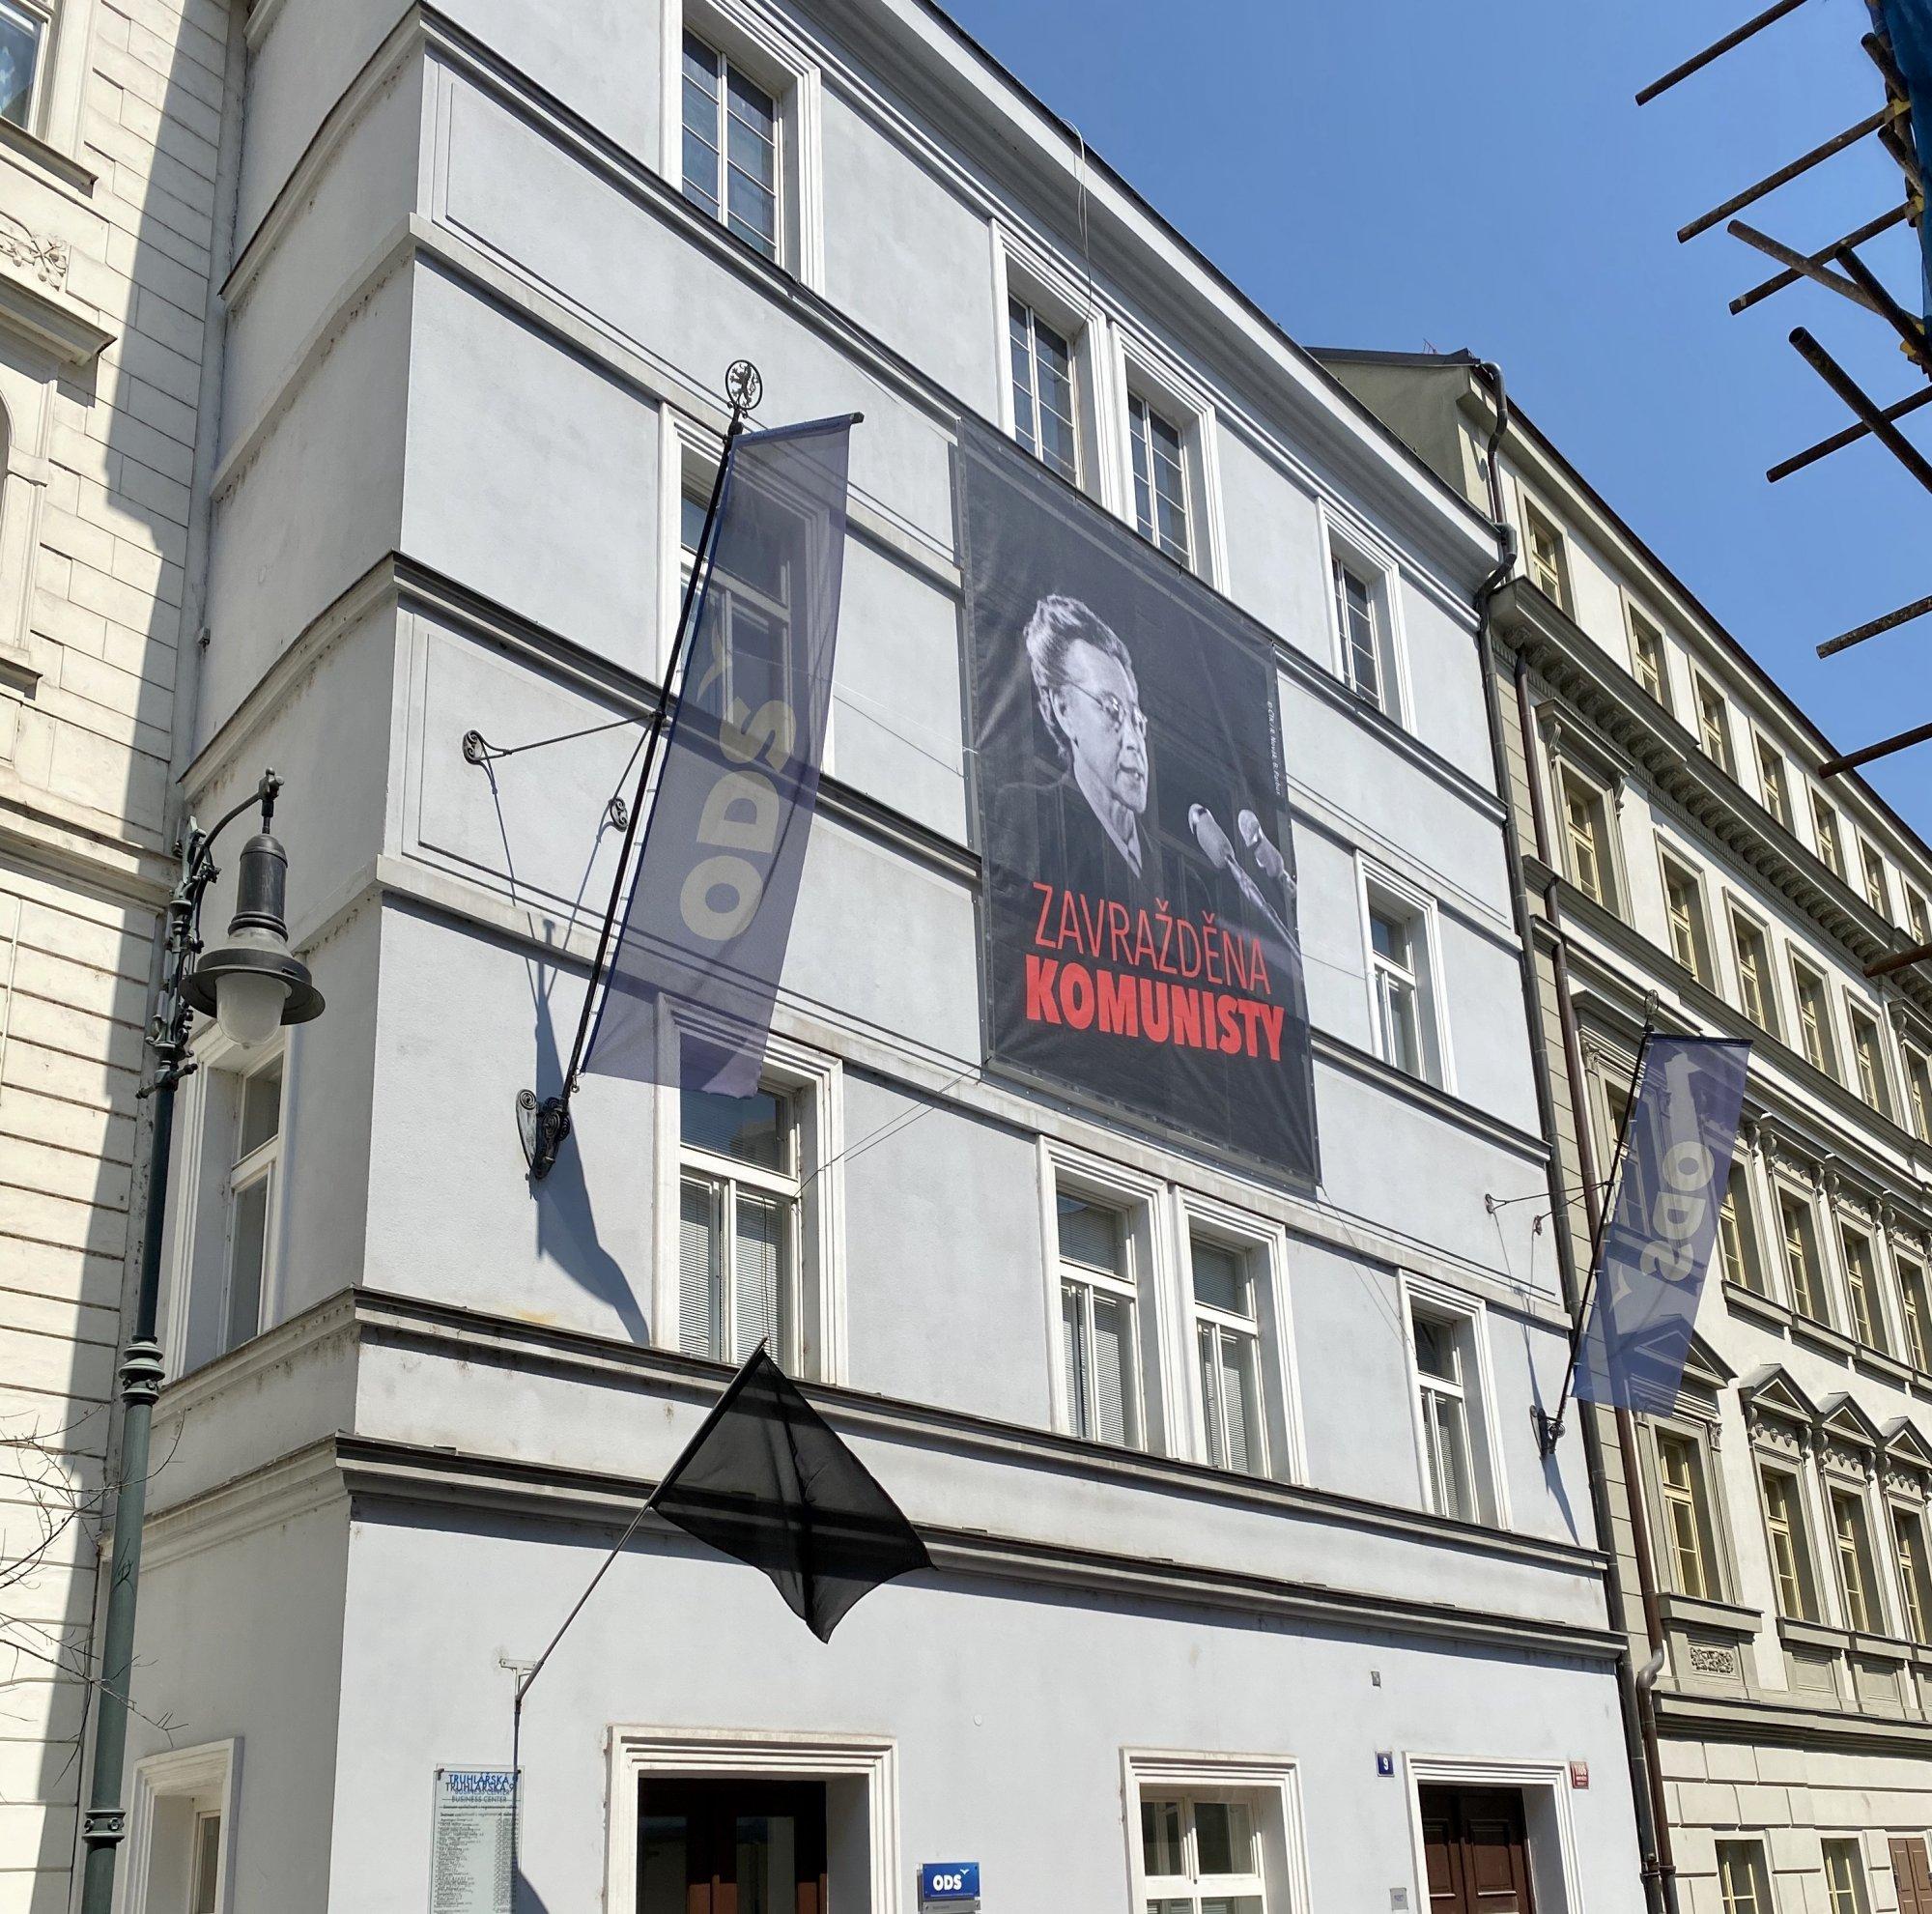 Občanští demokraté uctili památku Milady Horákové